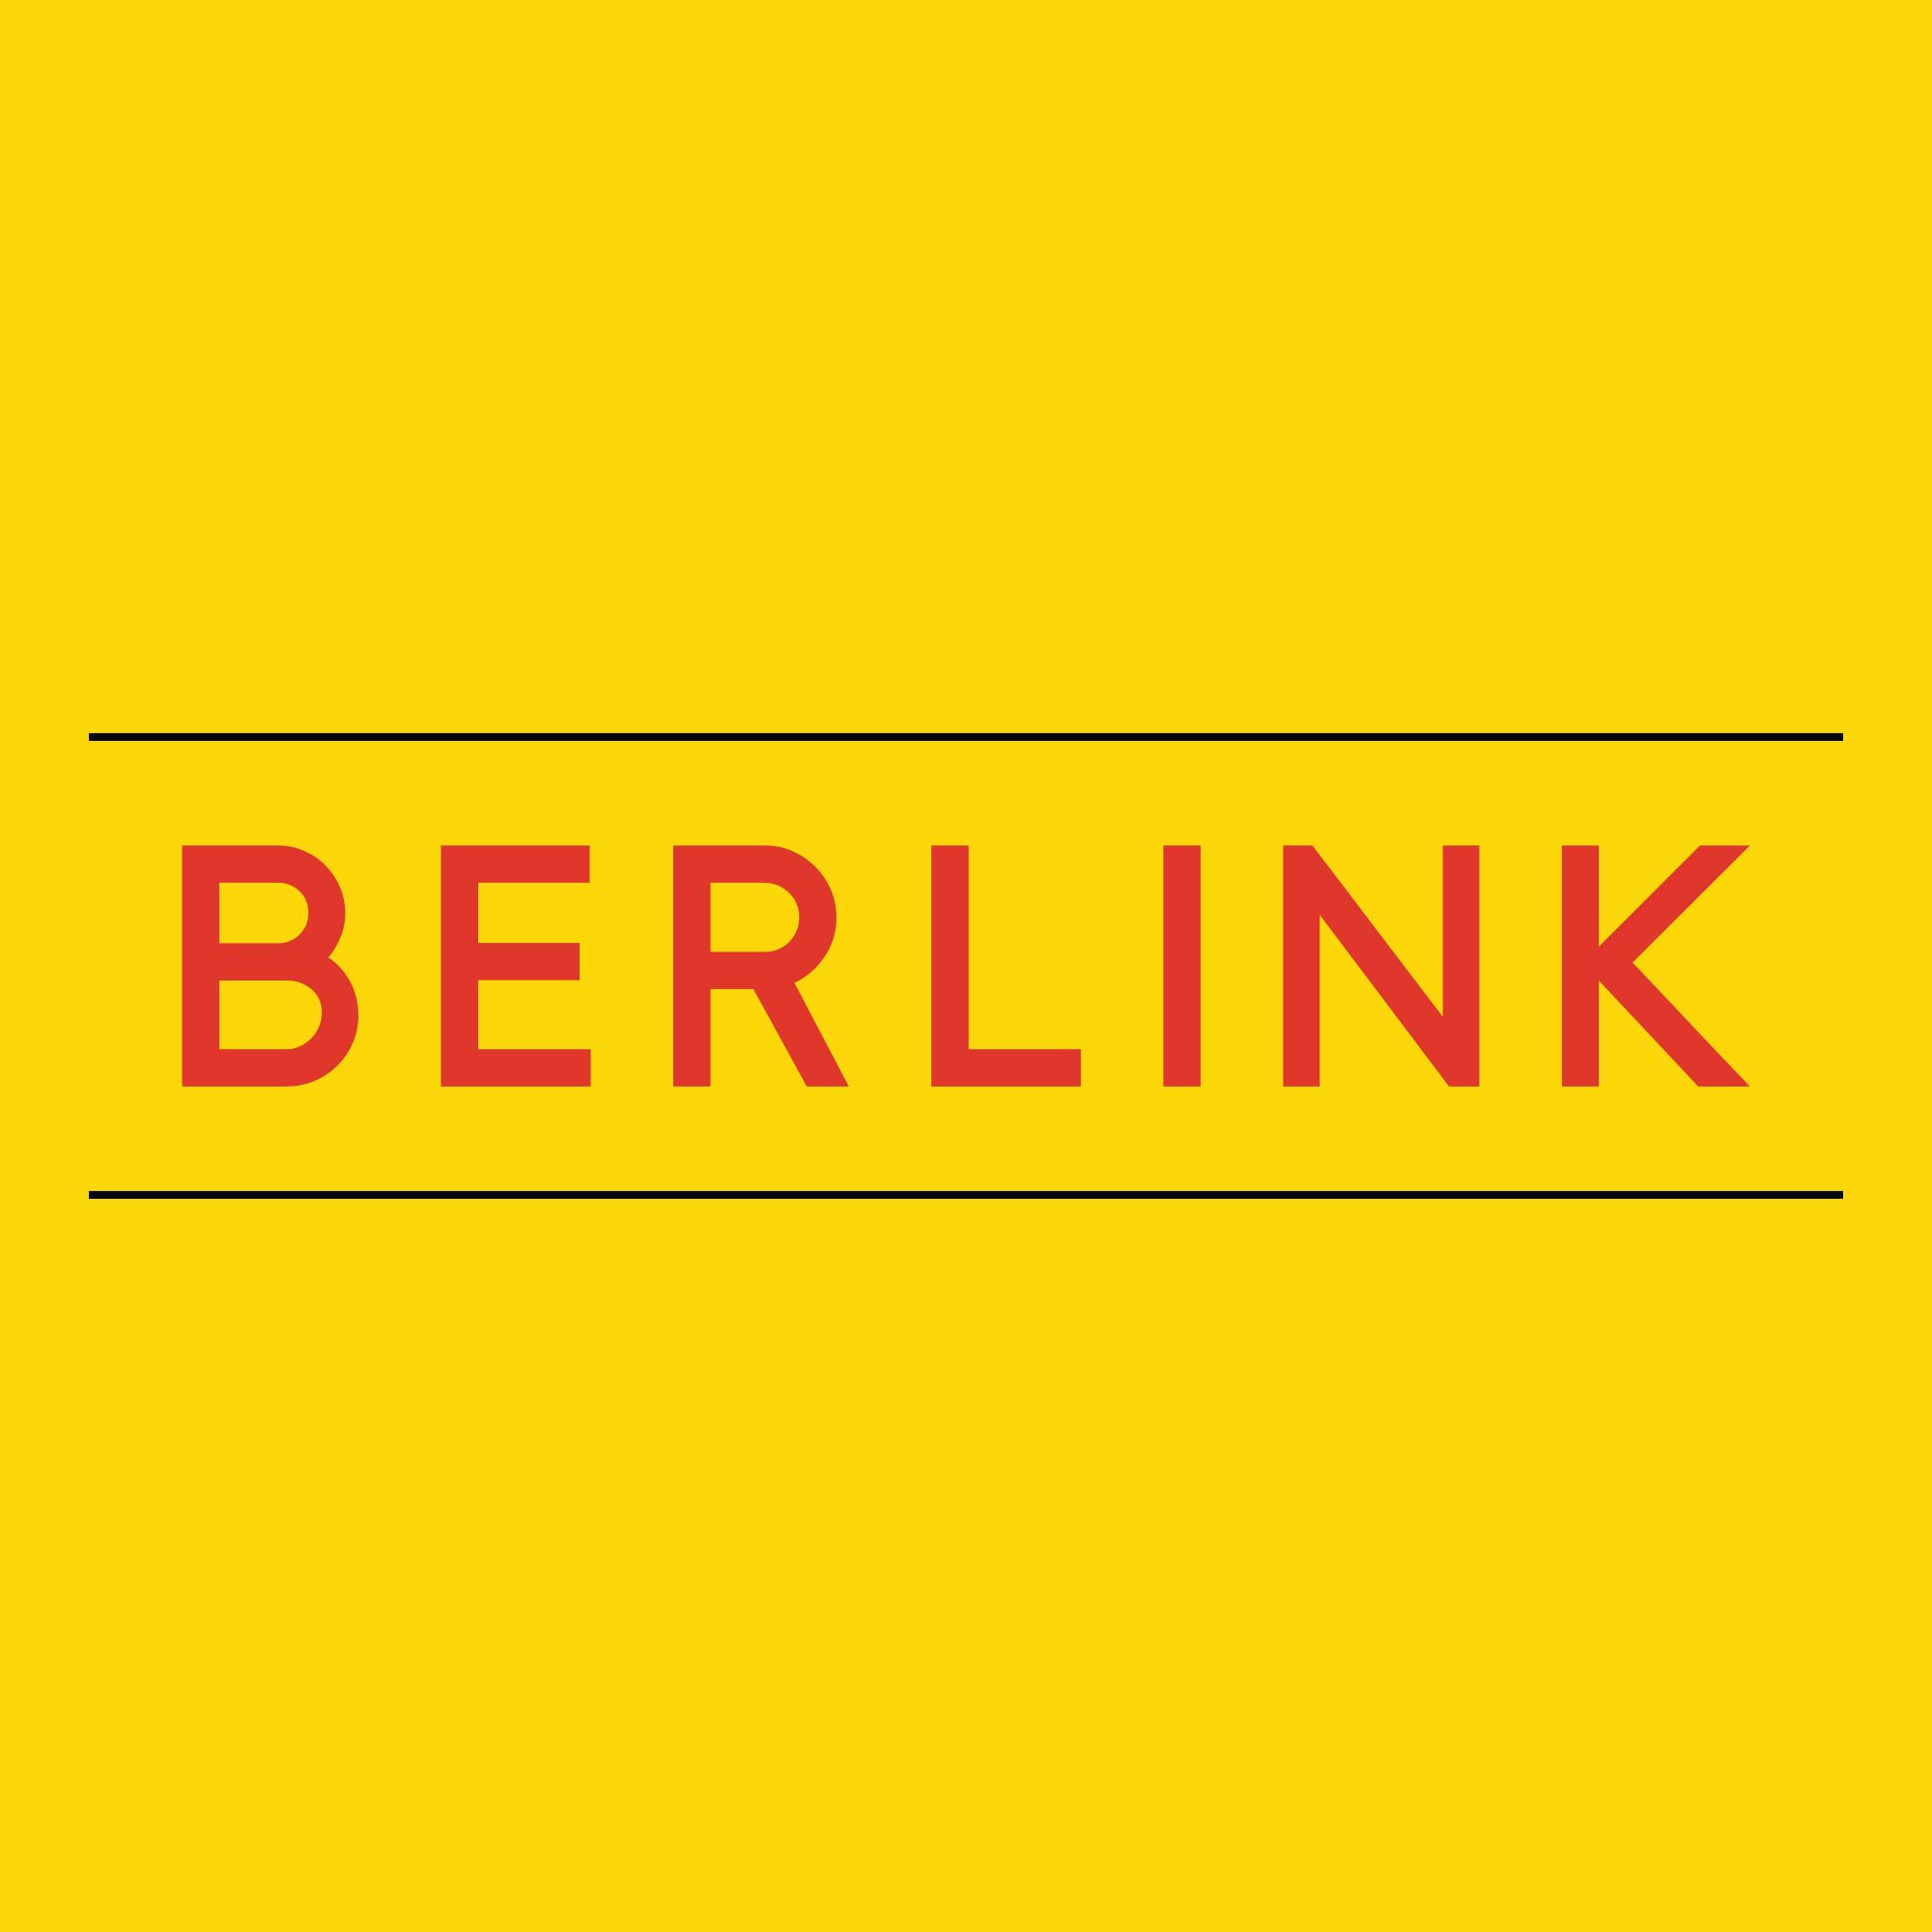 BERLINK